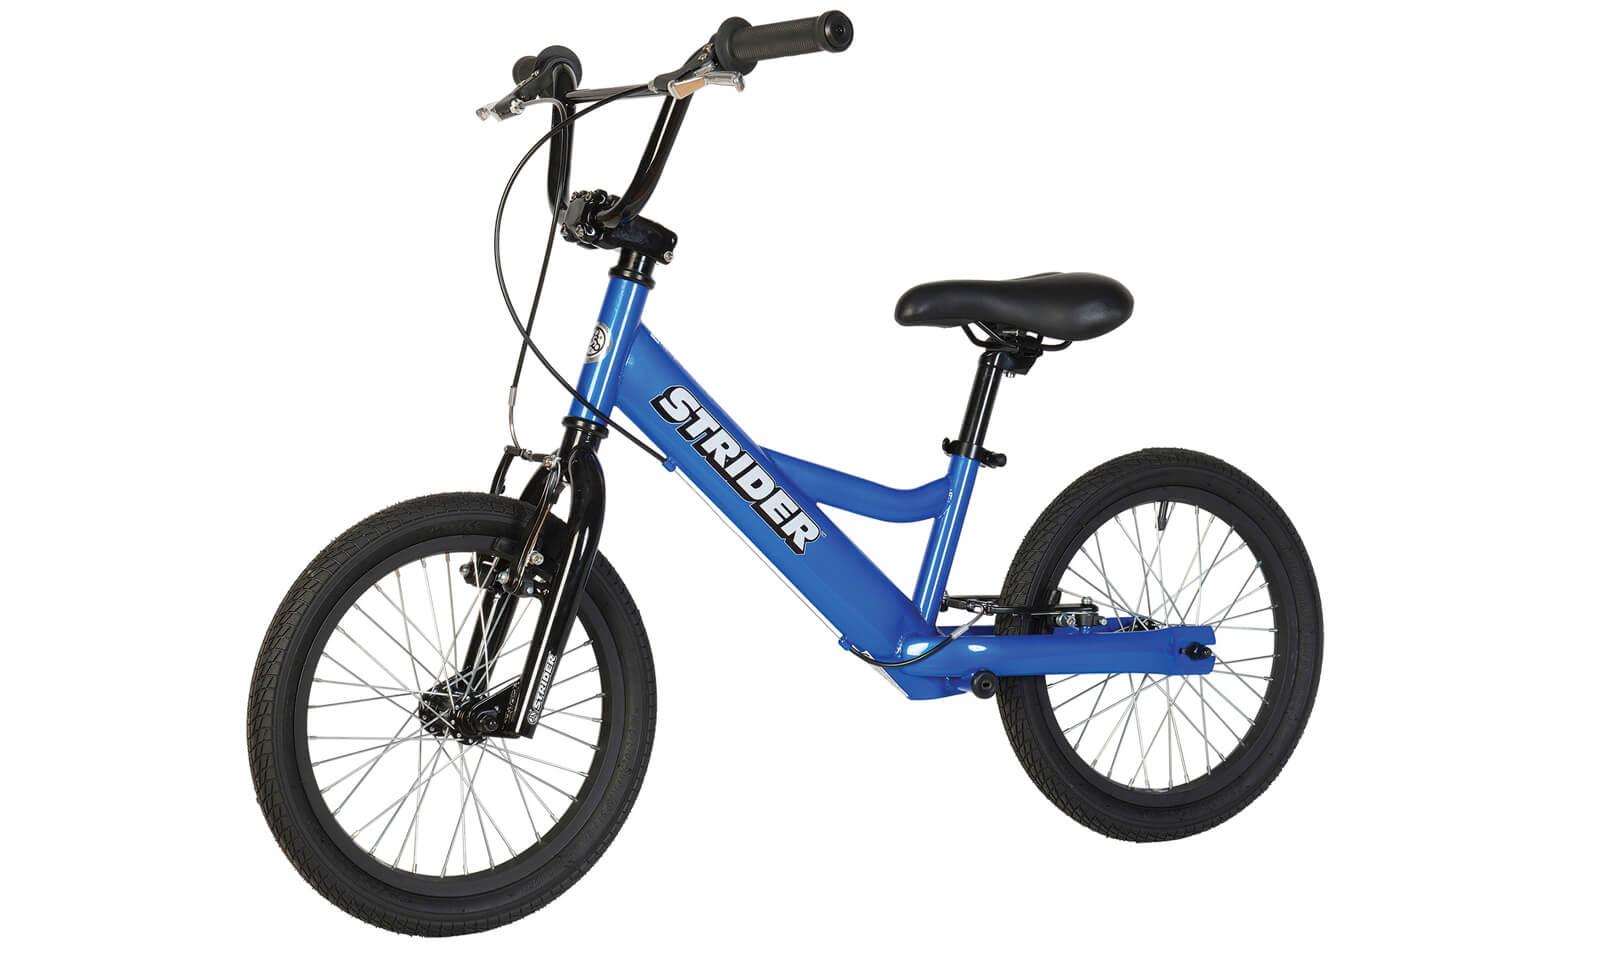 strider 16 sport - blue